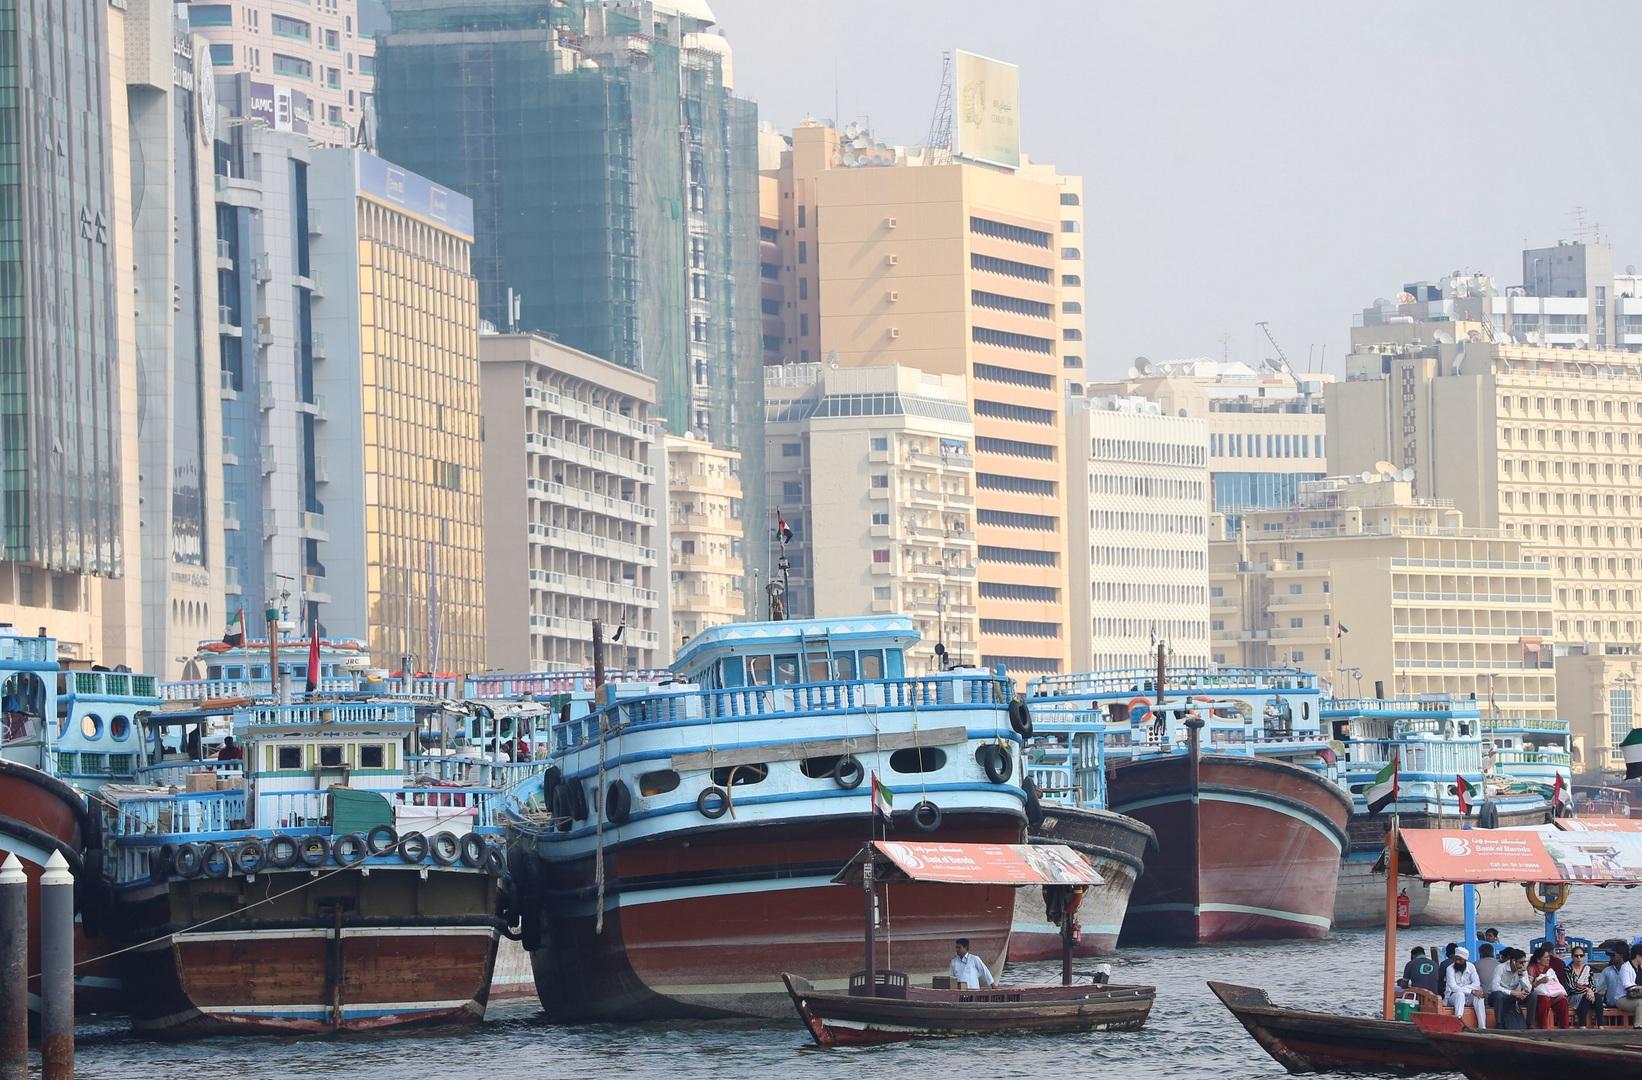 شاهد مئات القوارب والسفن الإيرانية عالقة أمام شواطئ دبي